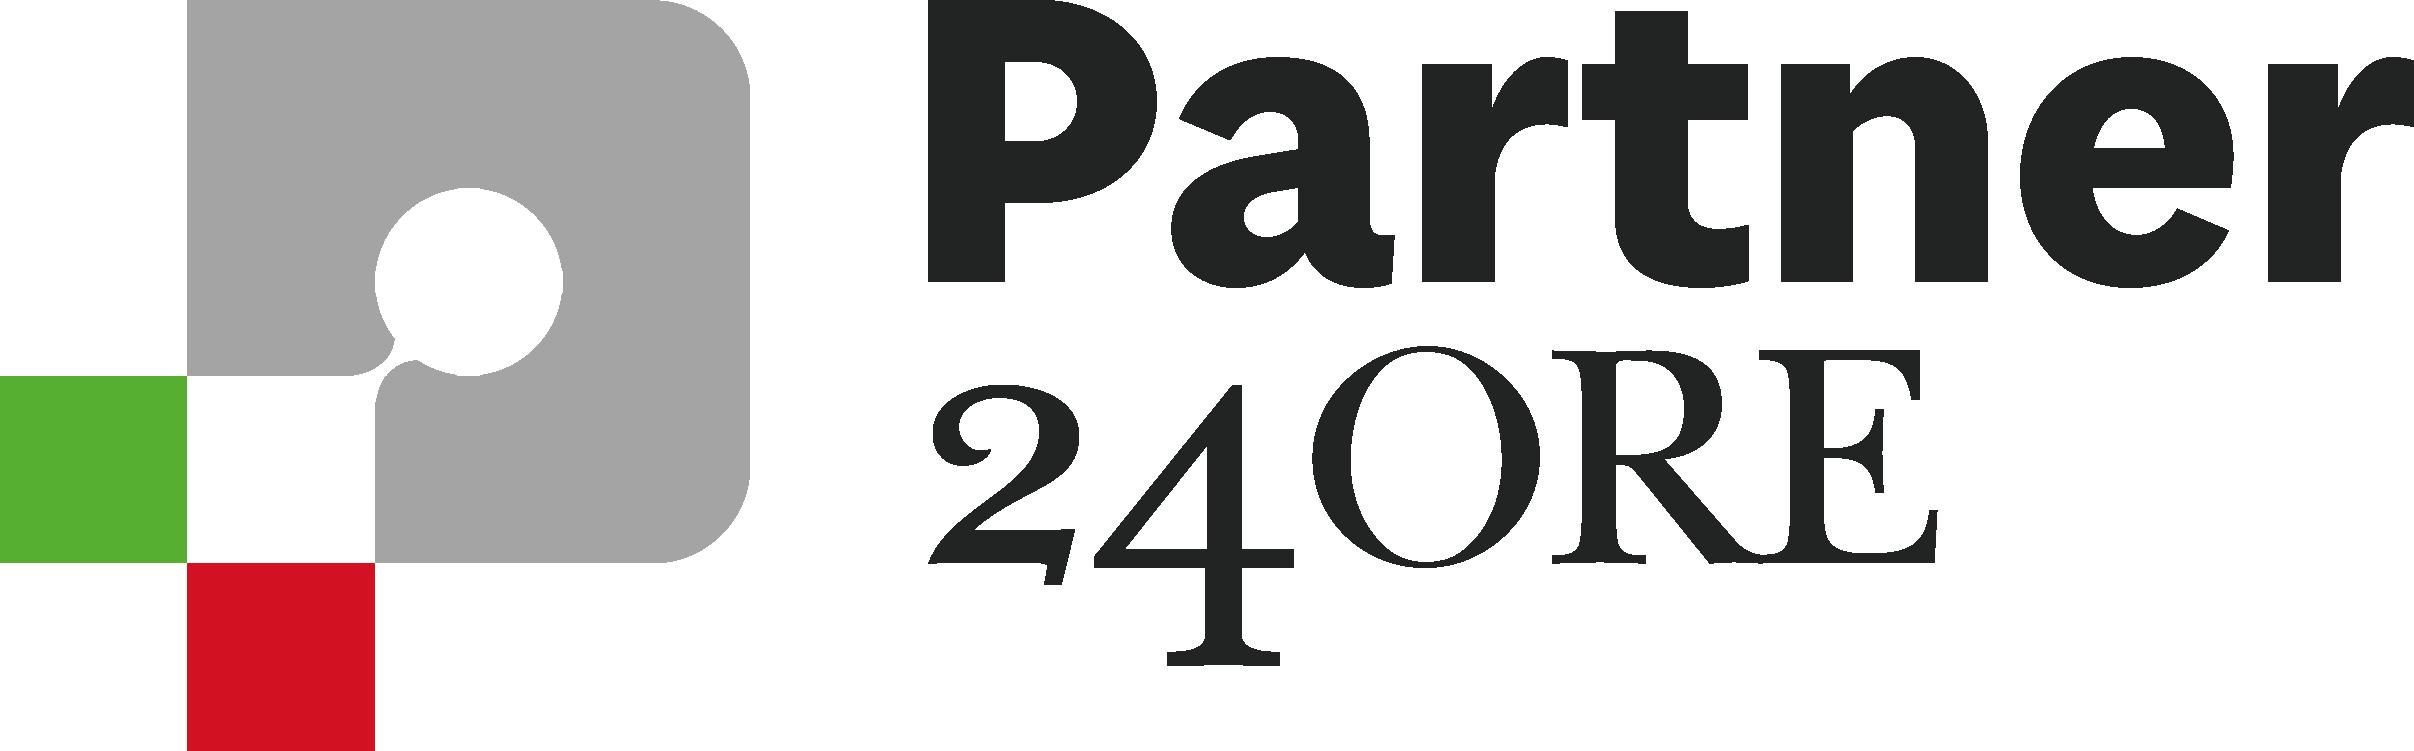 L'avv. Pedretti è Partner 24ORE